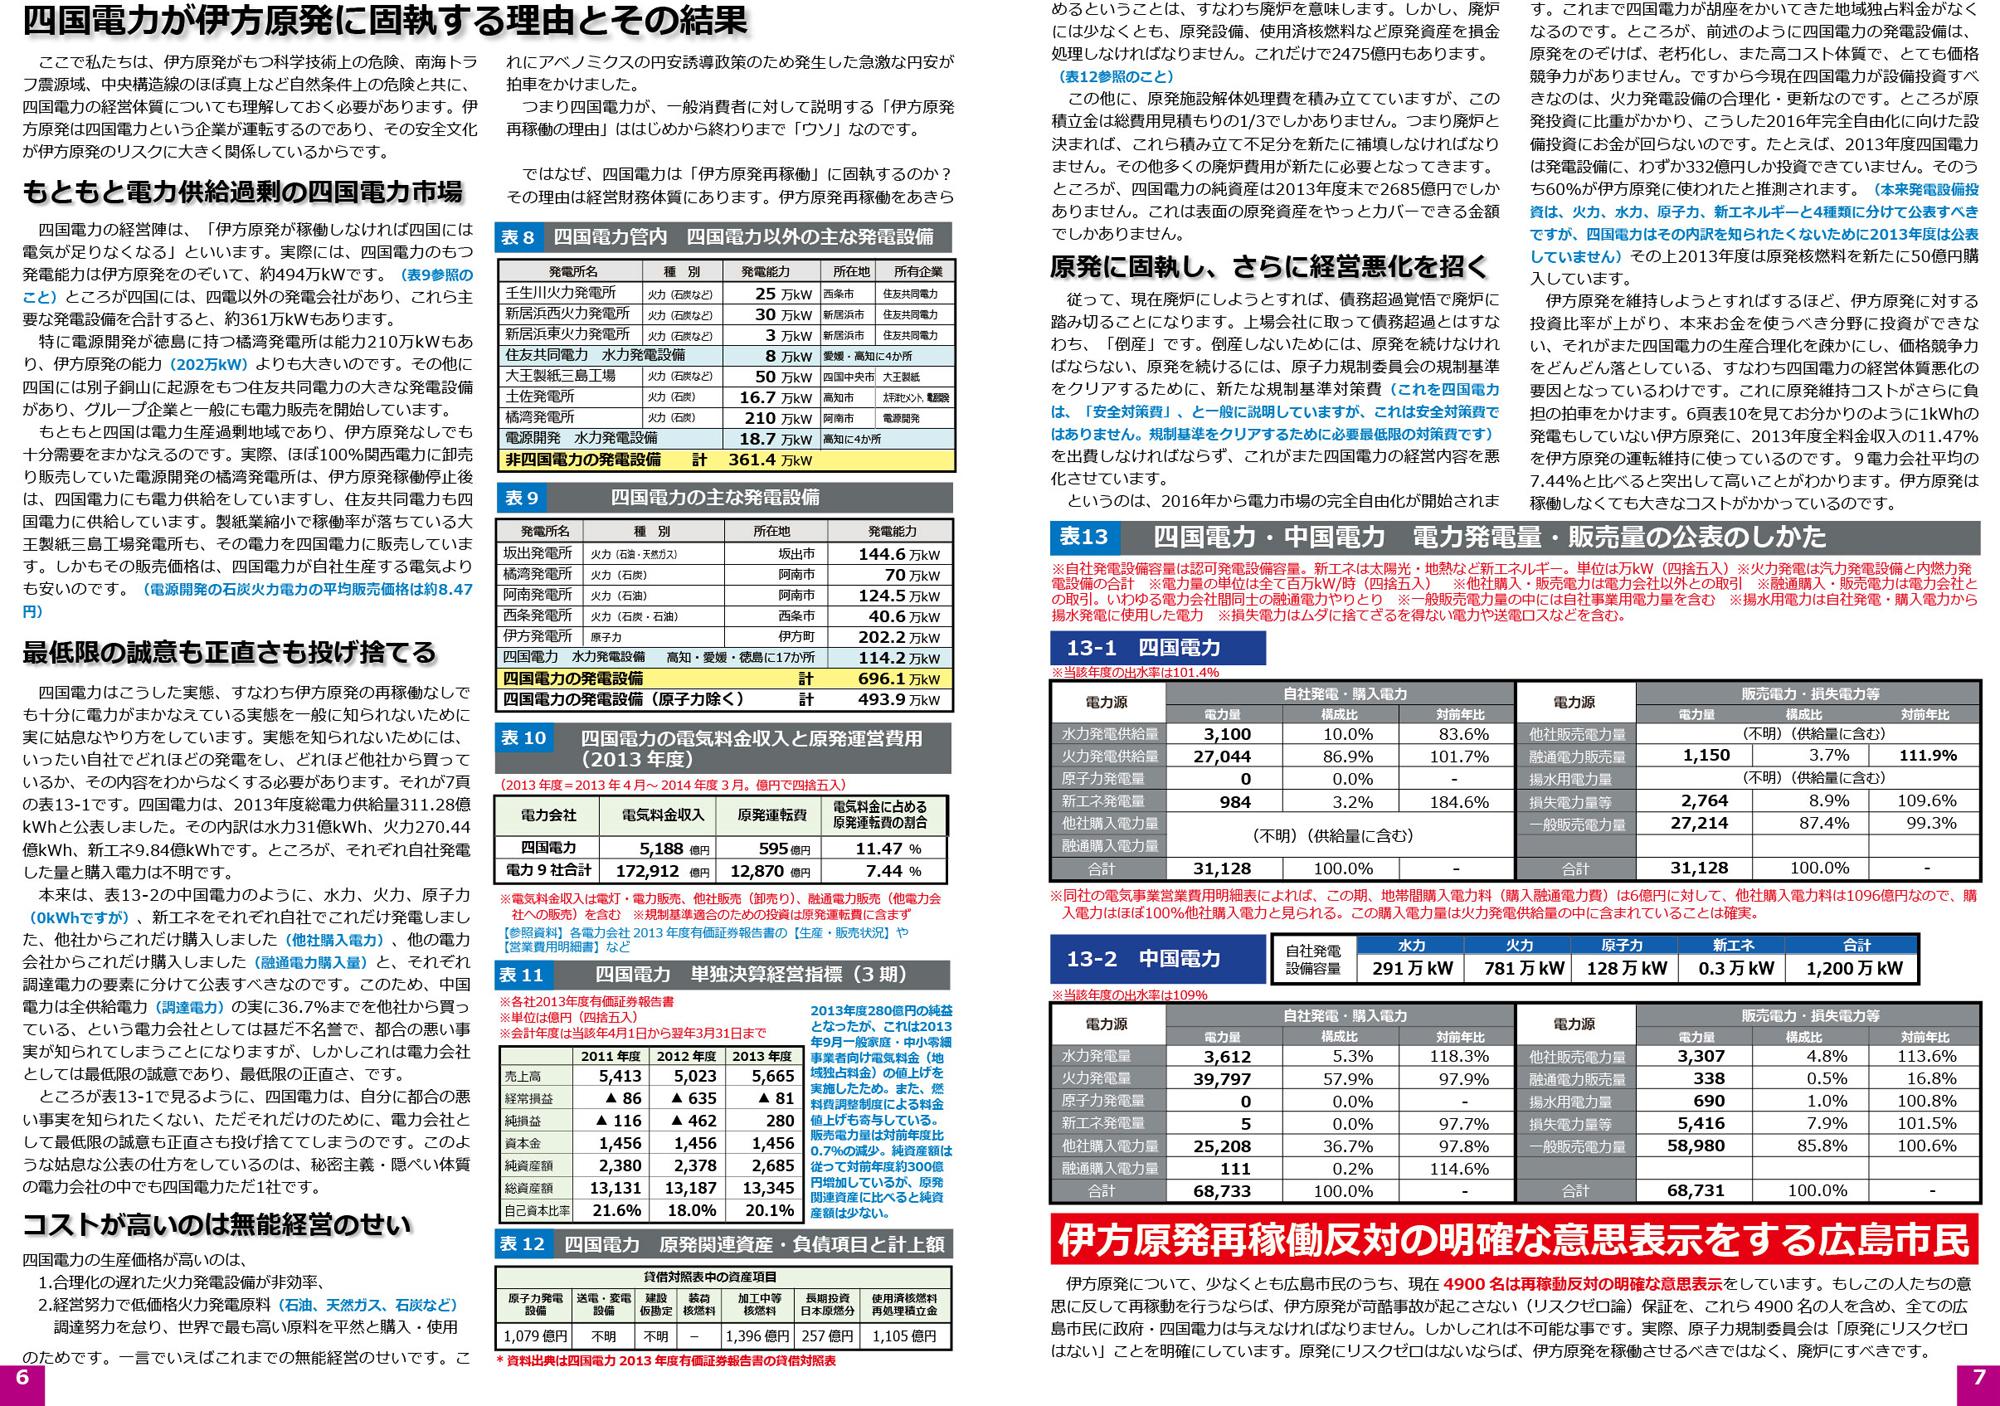 ファイル 36-4.jpg